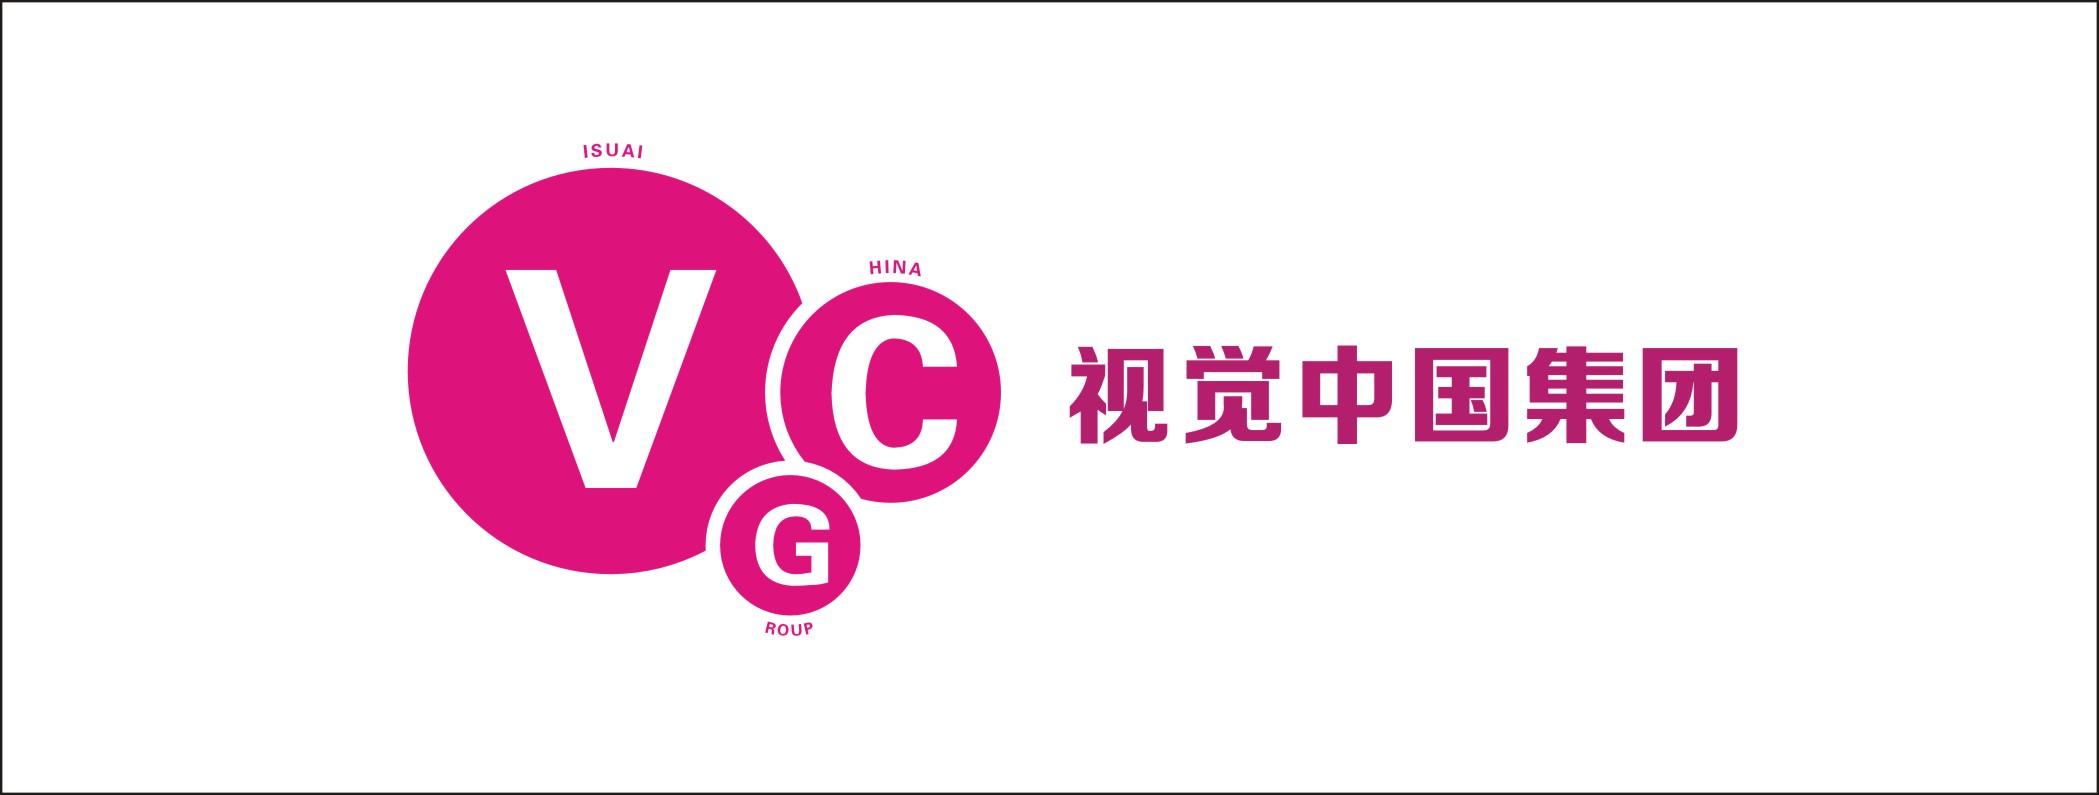 视觉中国集团logo提案图片